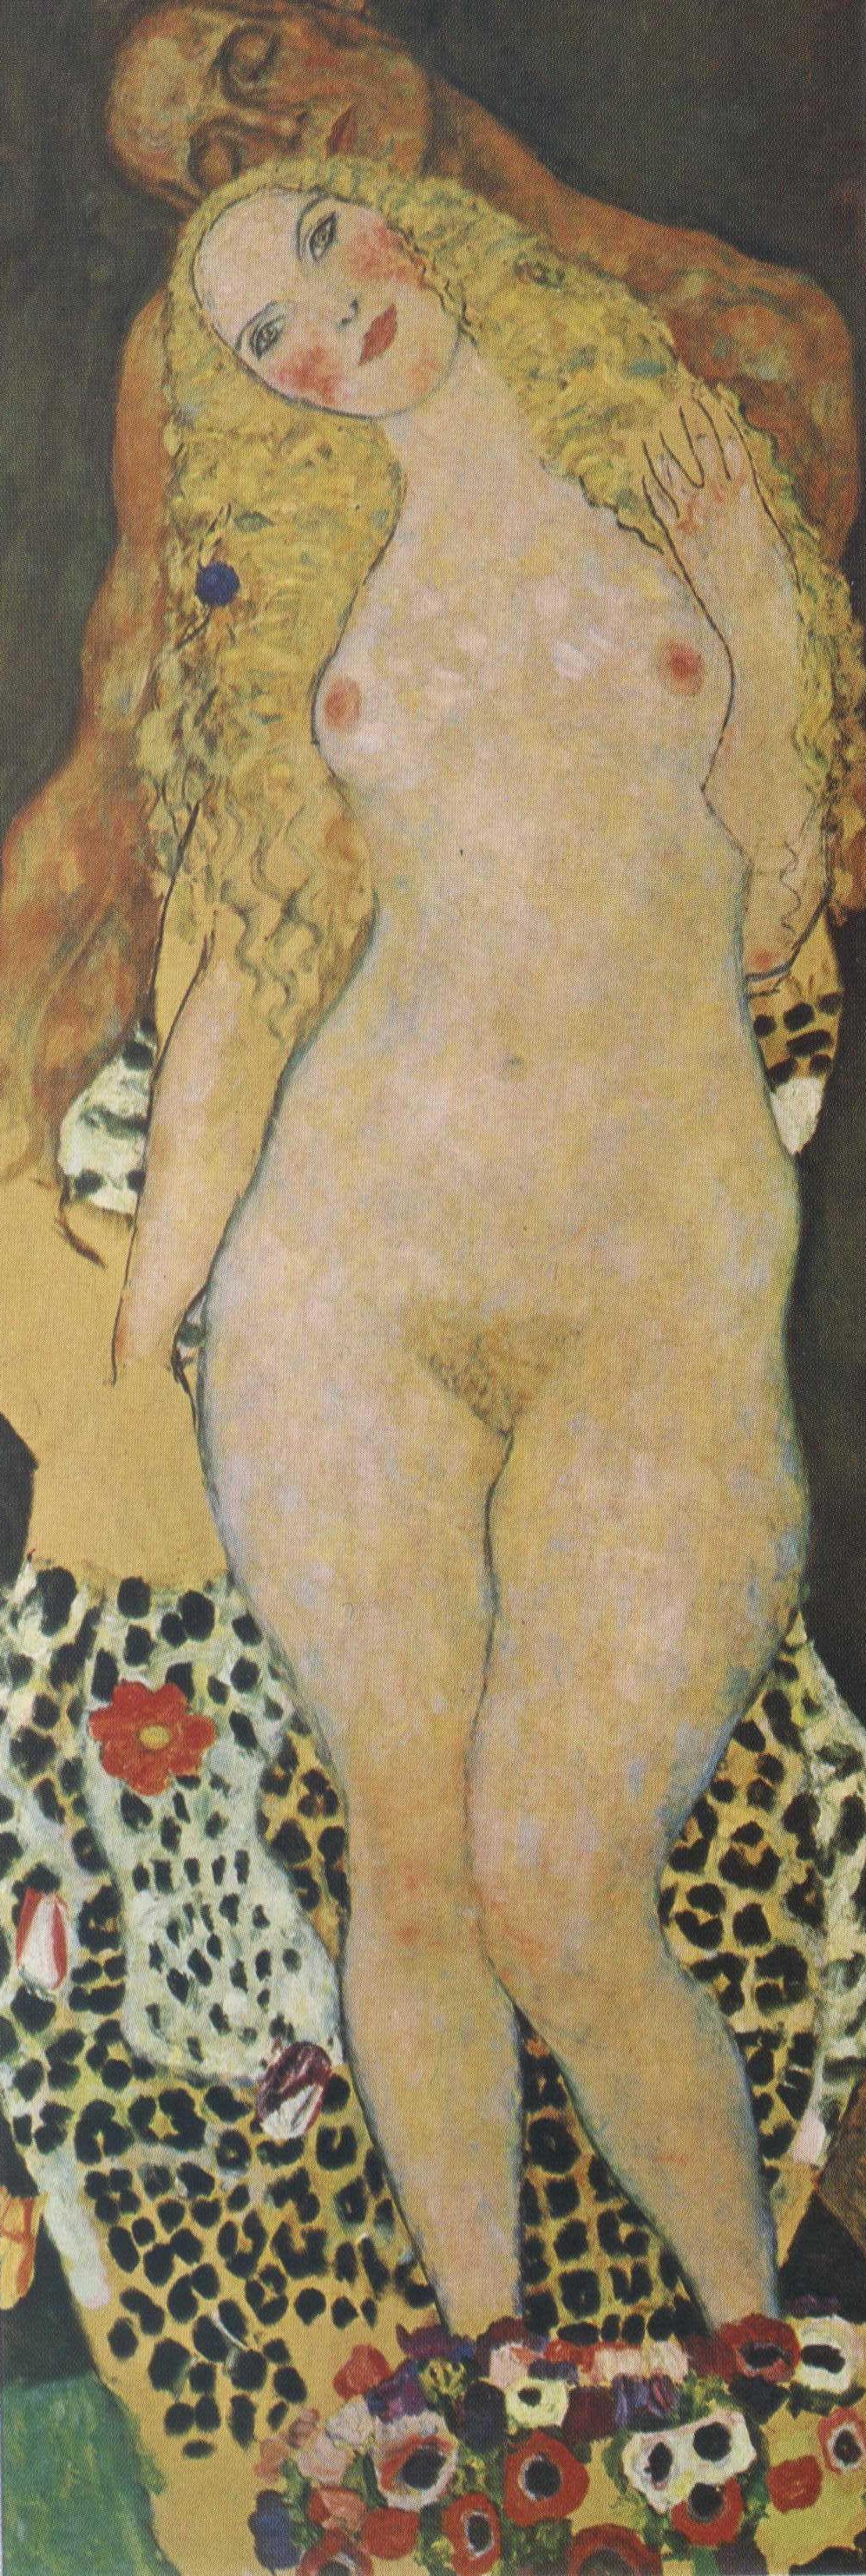 Густав Климт. Адам и Ева (незавершенное)